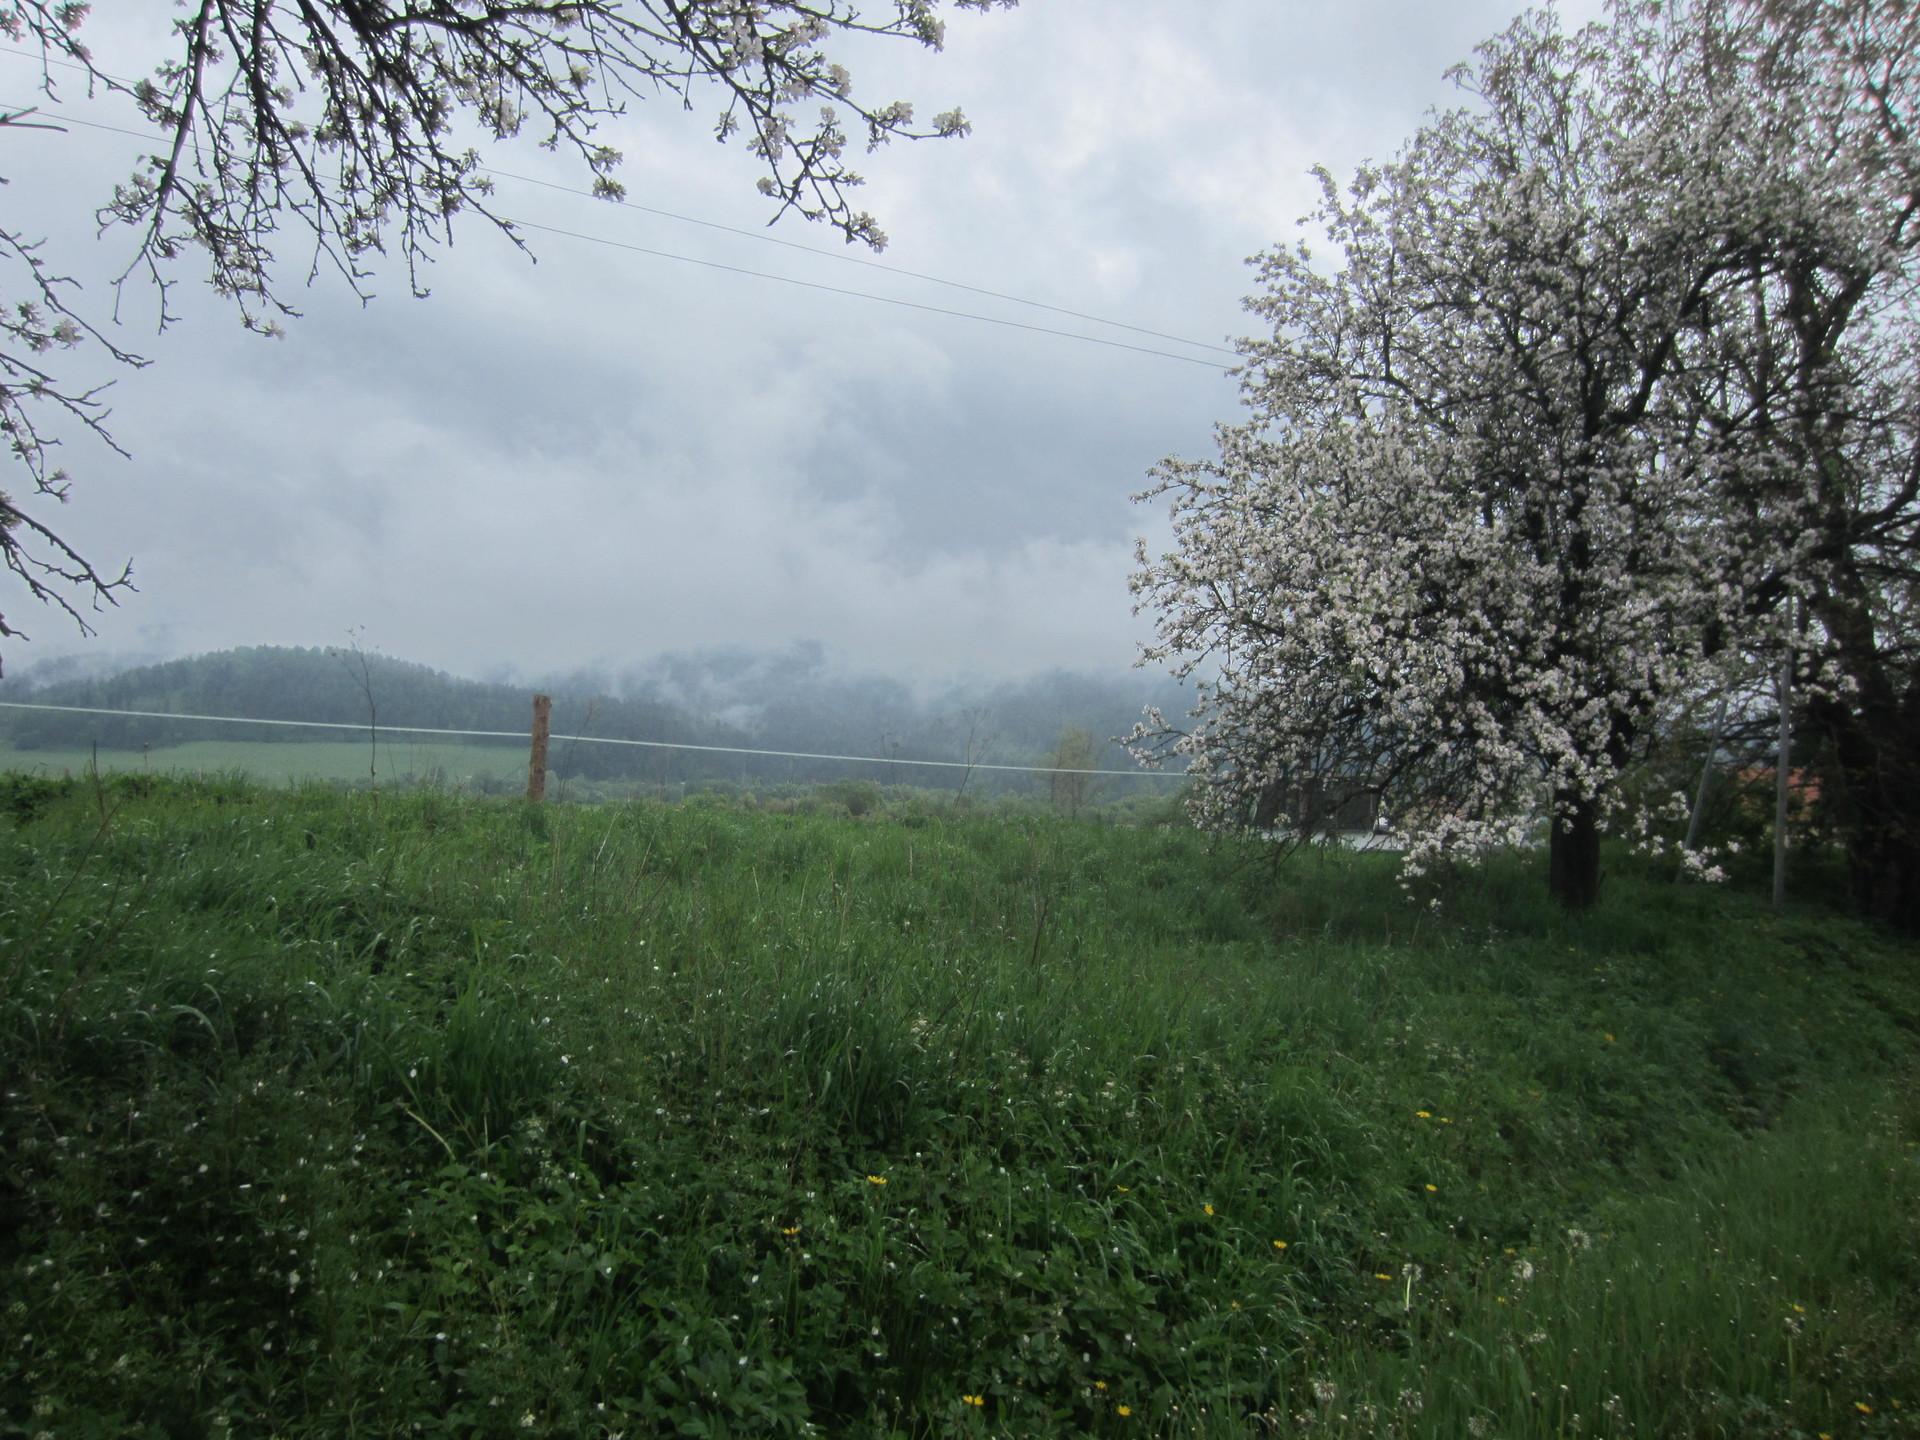 Paradiso slovacco, porti bene il tuo nome...